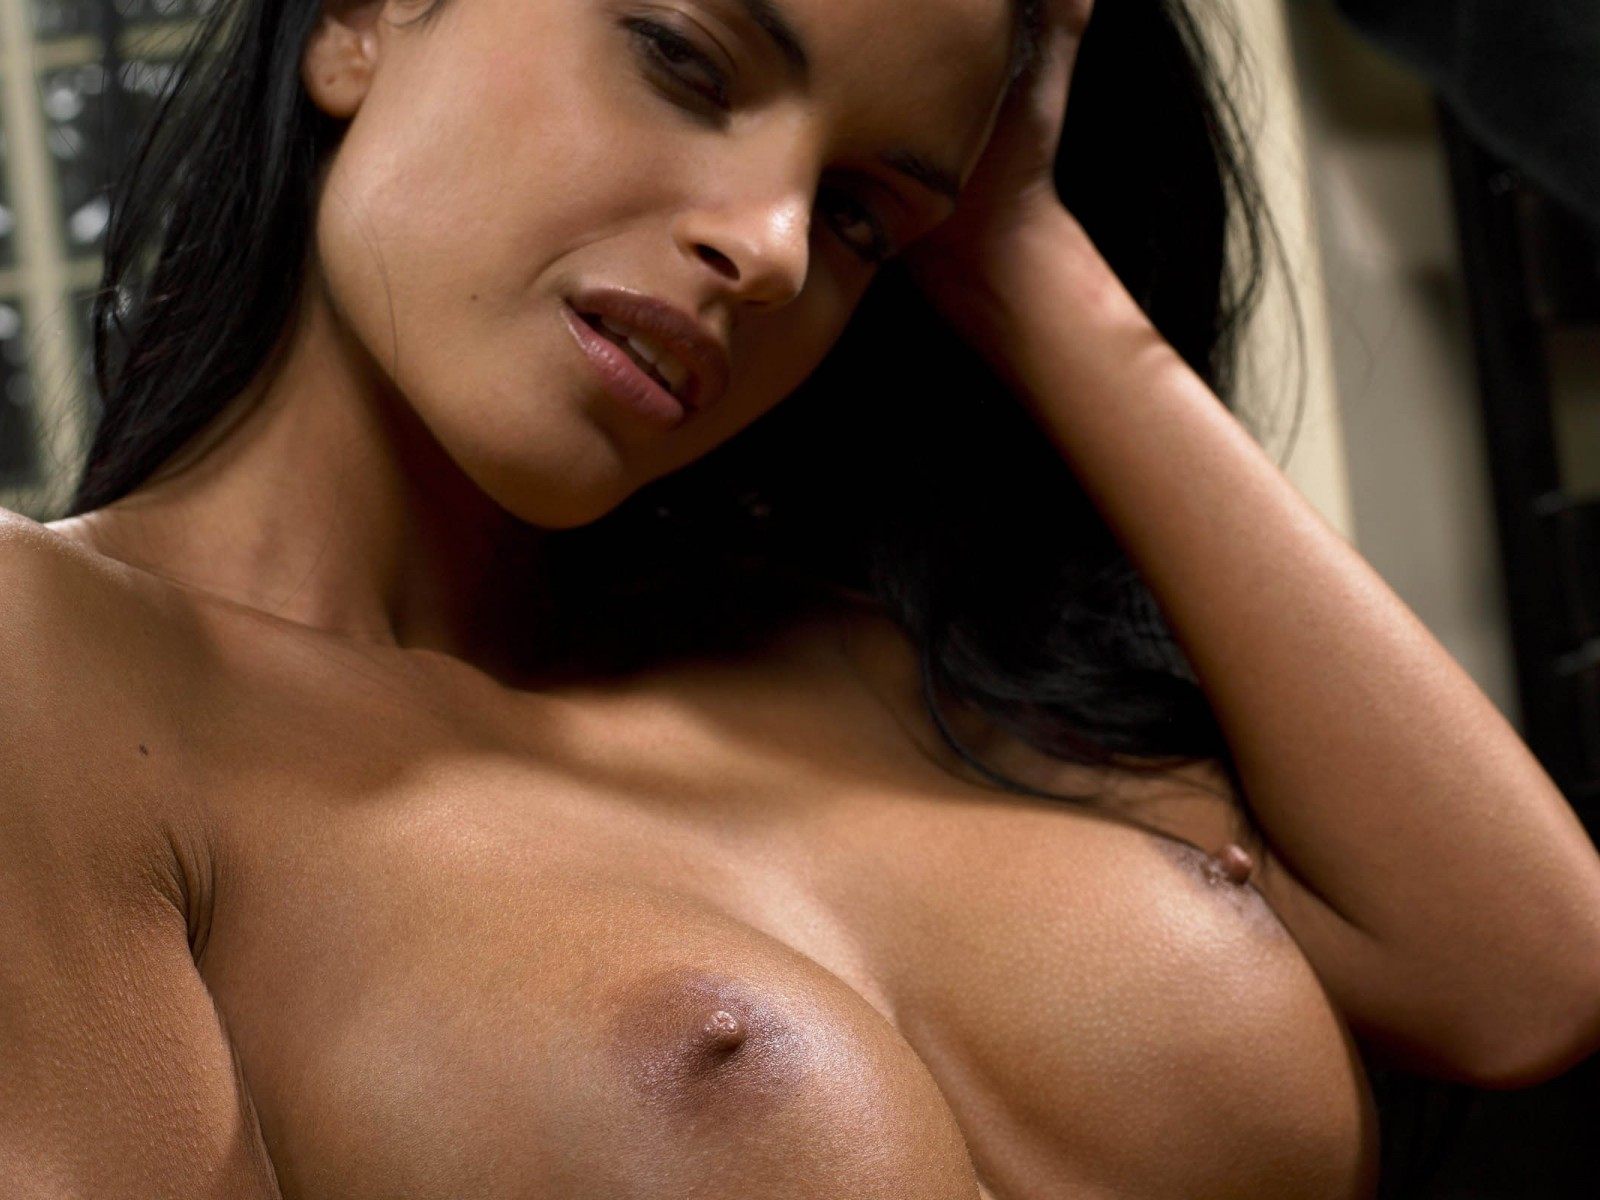 Упругая шикарная грудь порно, красивая грудь » Порно онлайн в хорошем качестве 5 фотография